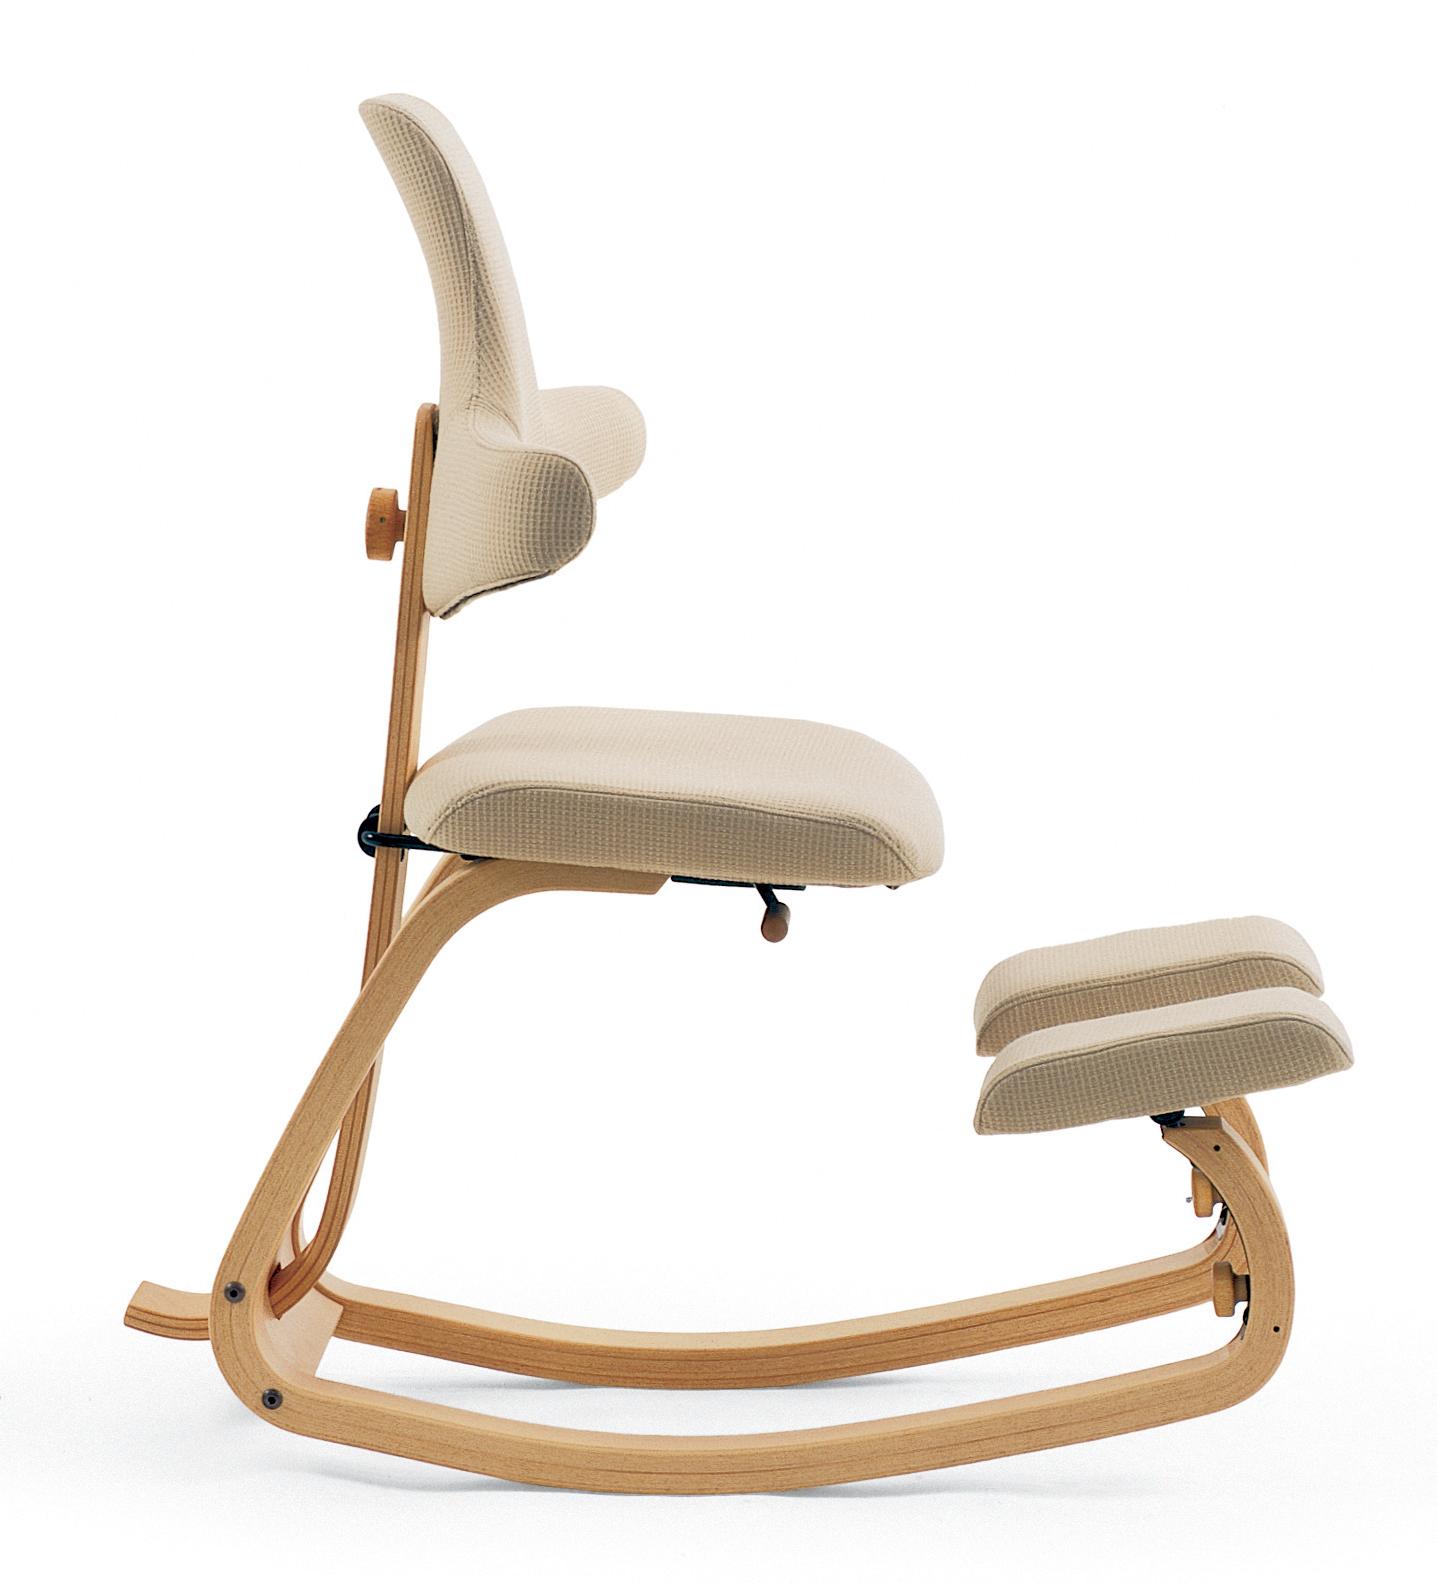 Le 10 migliori sedie ergonomiche da ufficio di sempre for Sedia ergonomica